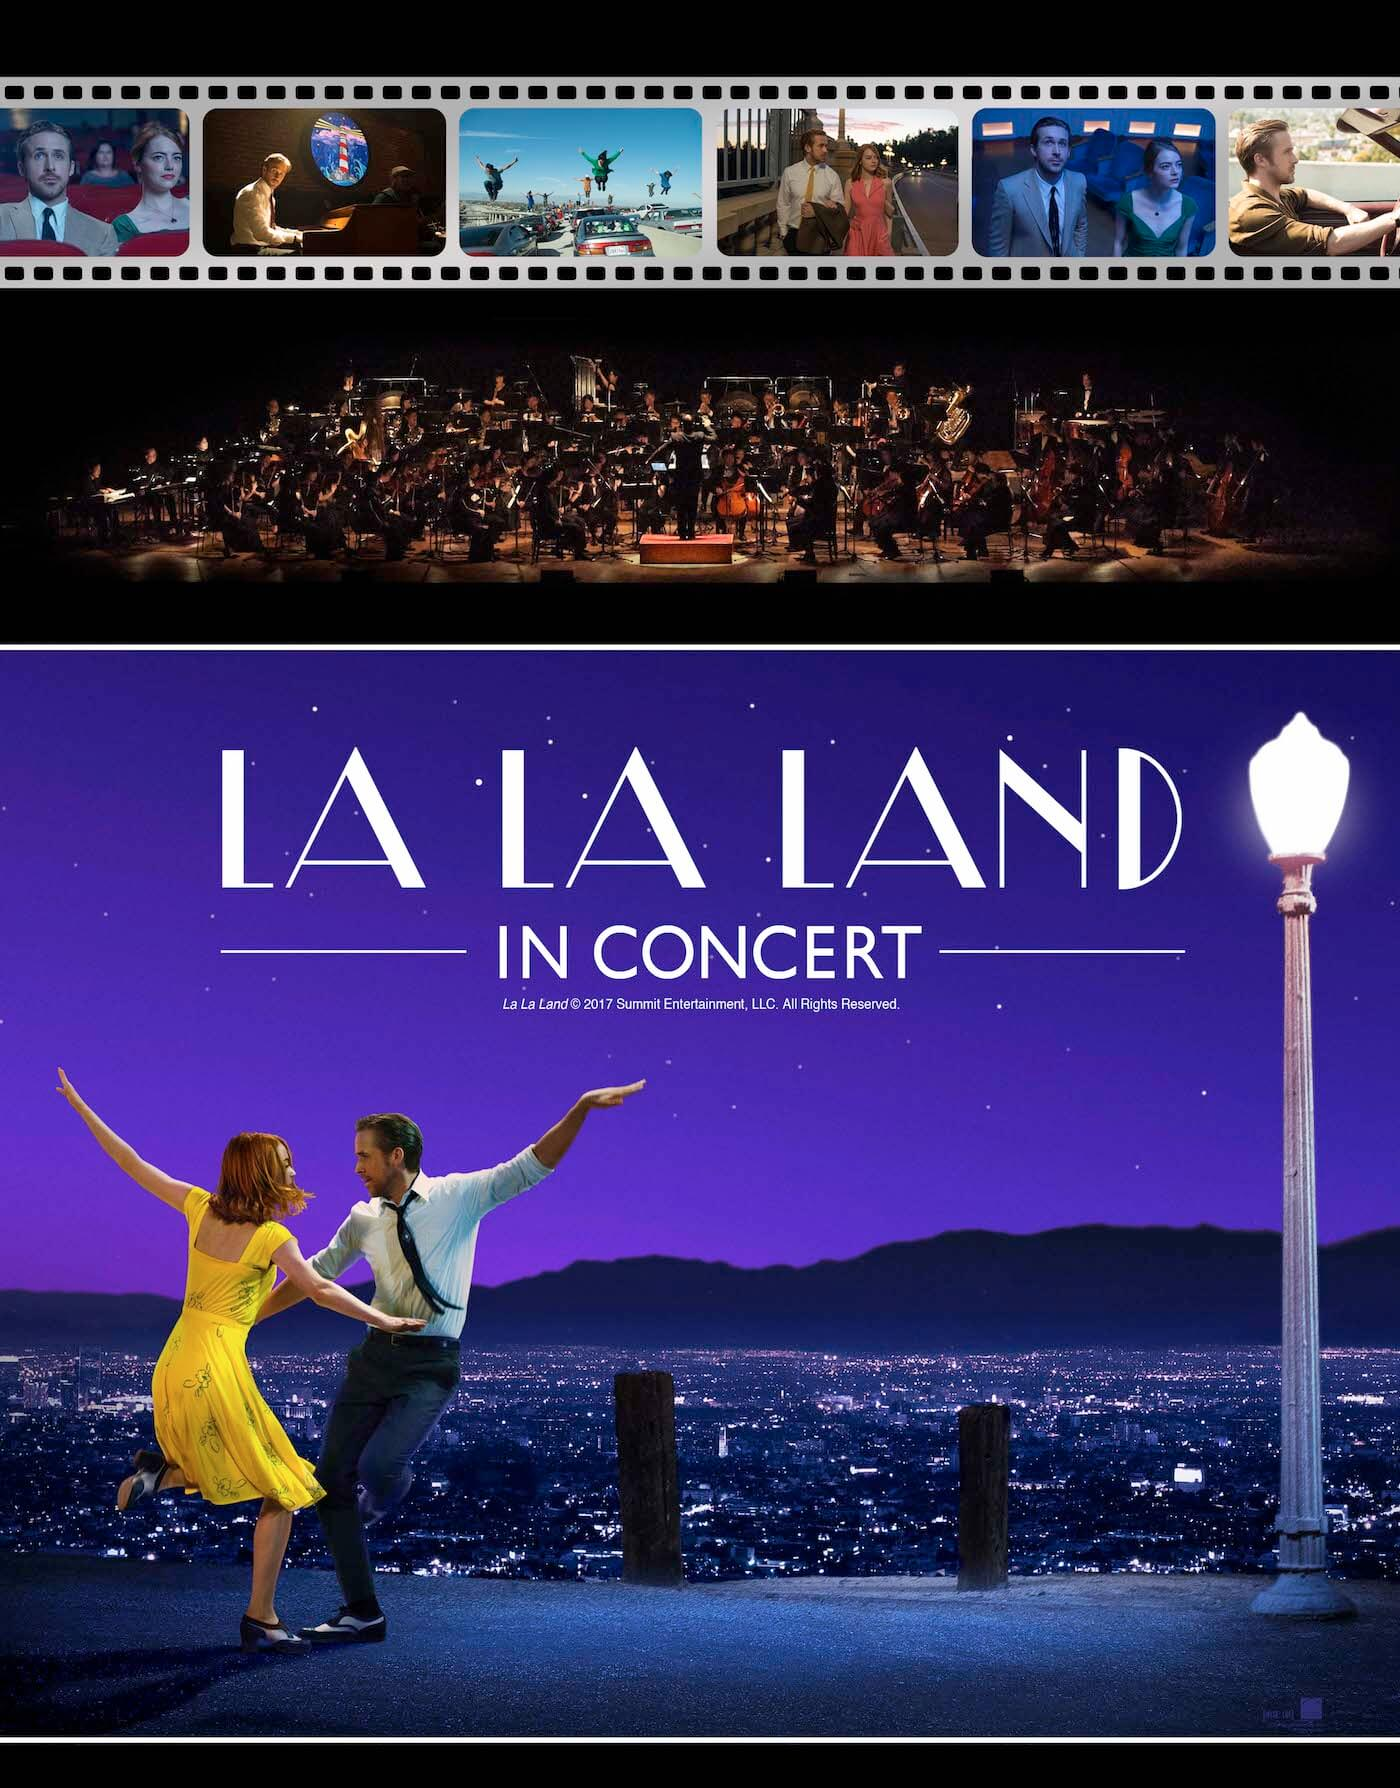 Lala concert A 2 170406